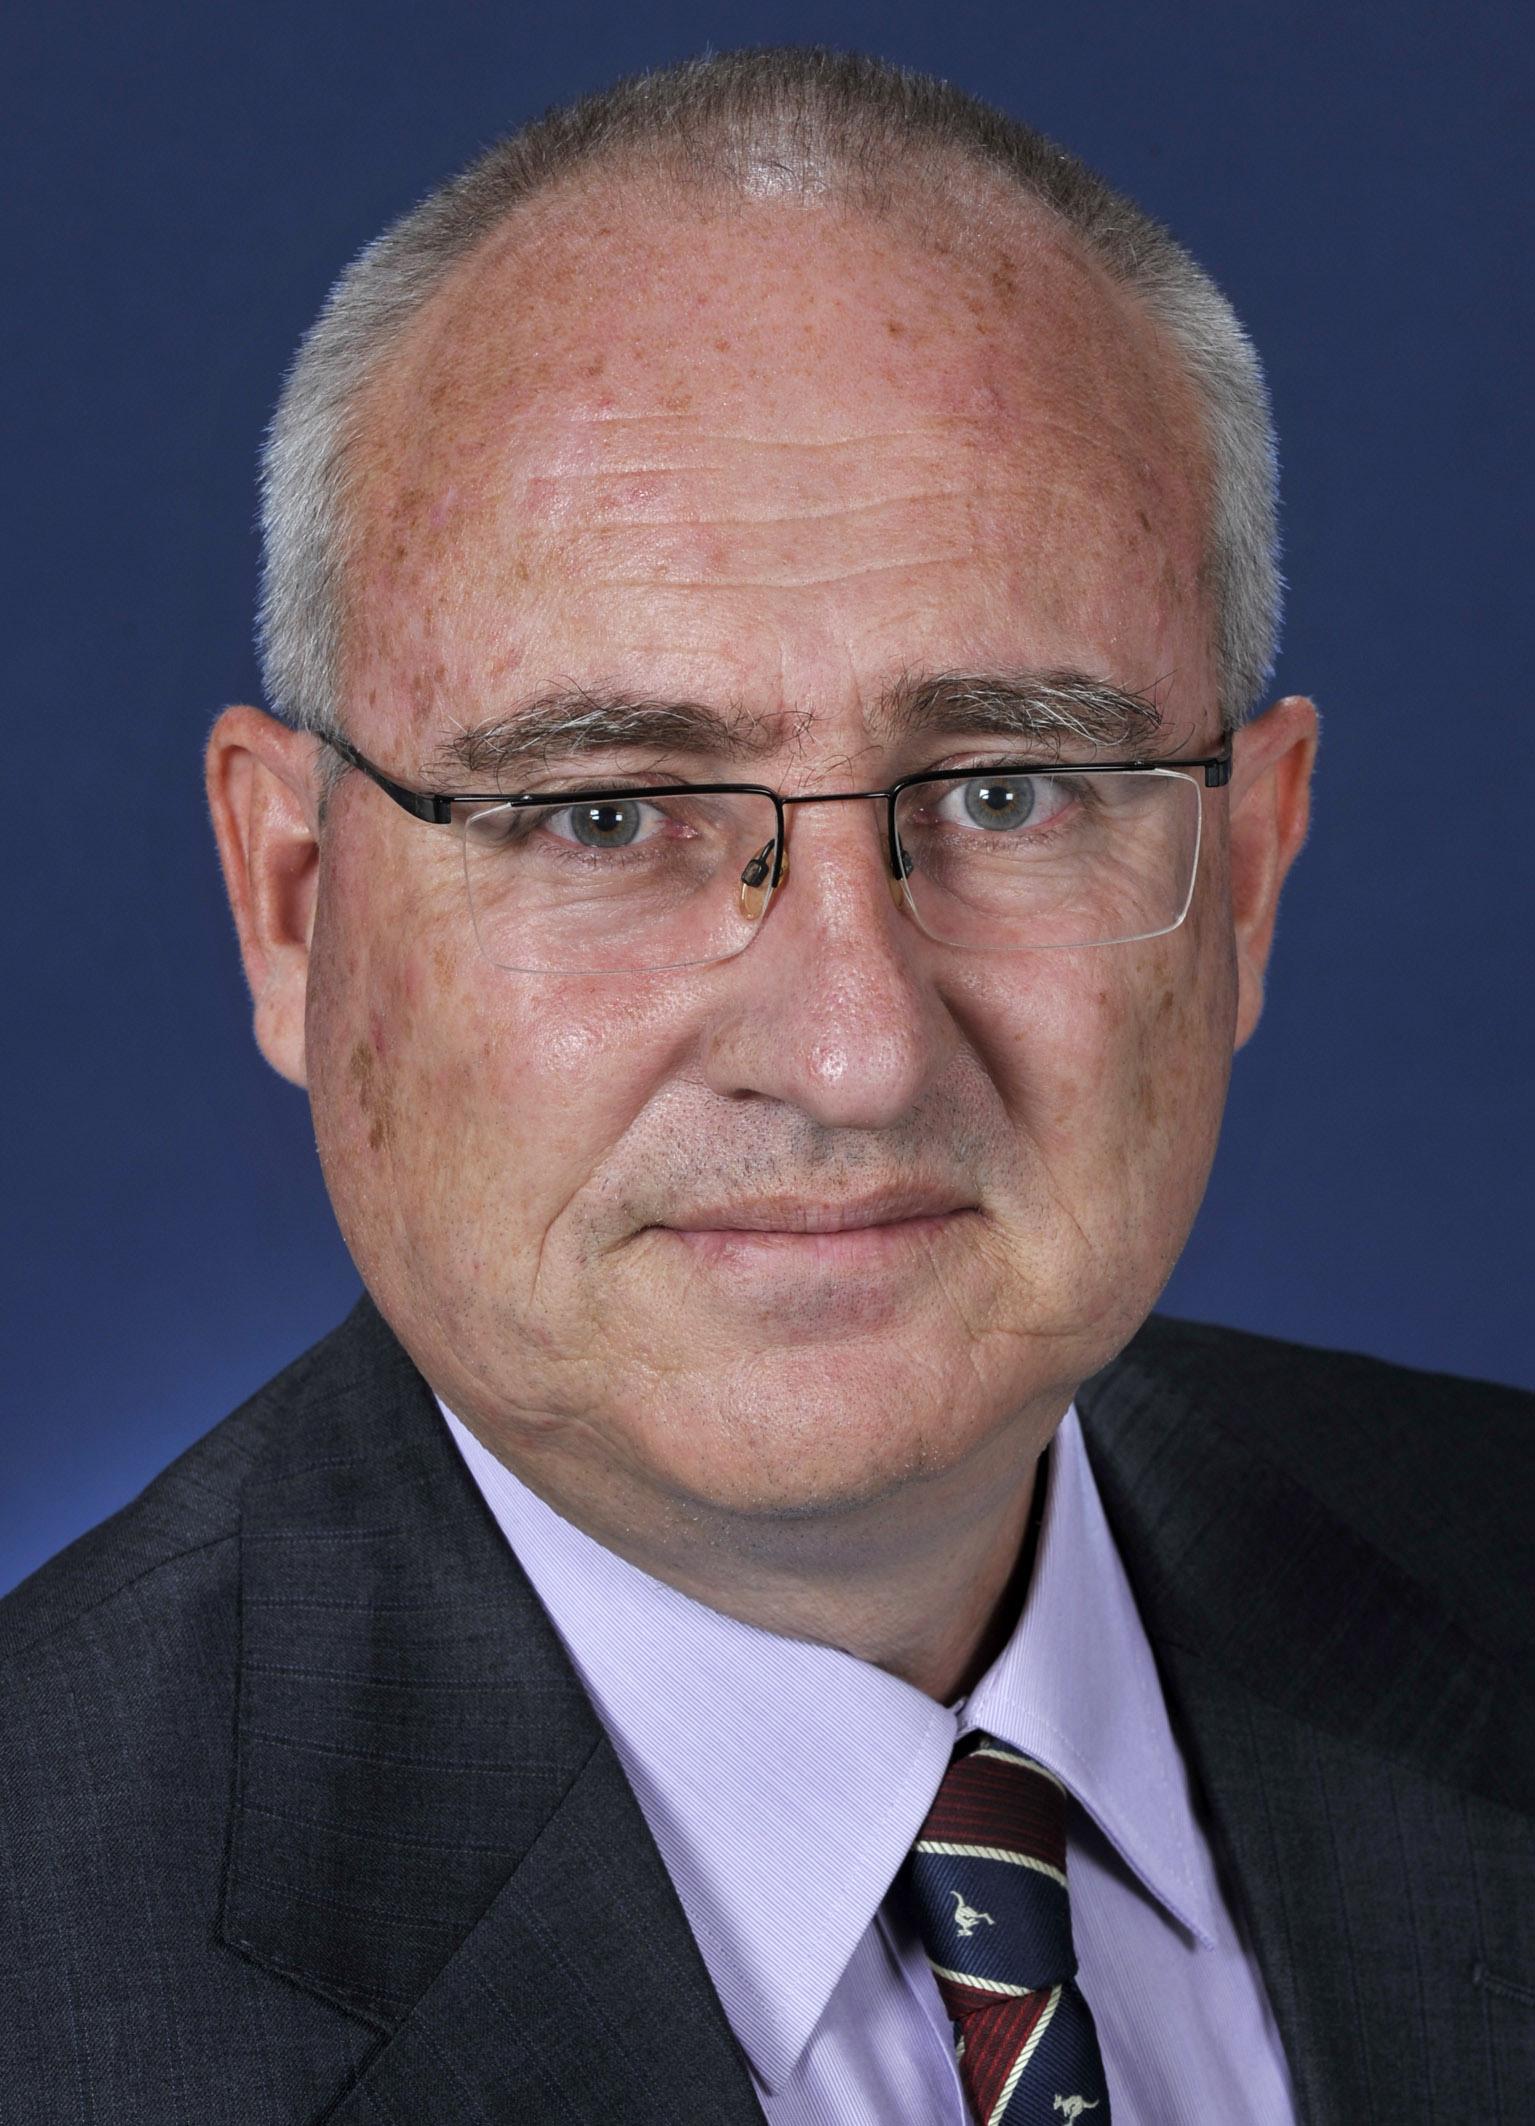 File:Martin Quinn (1).jpg - Wikimedia Commons